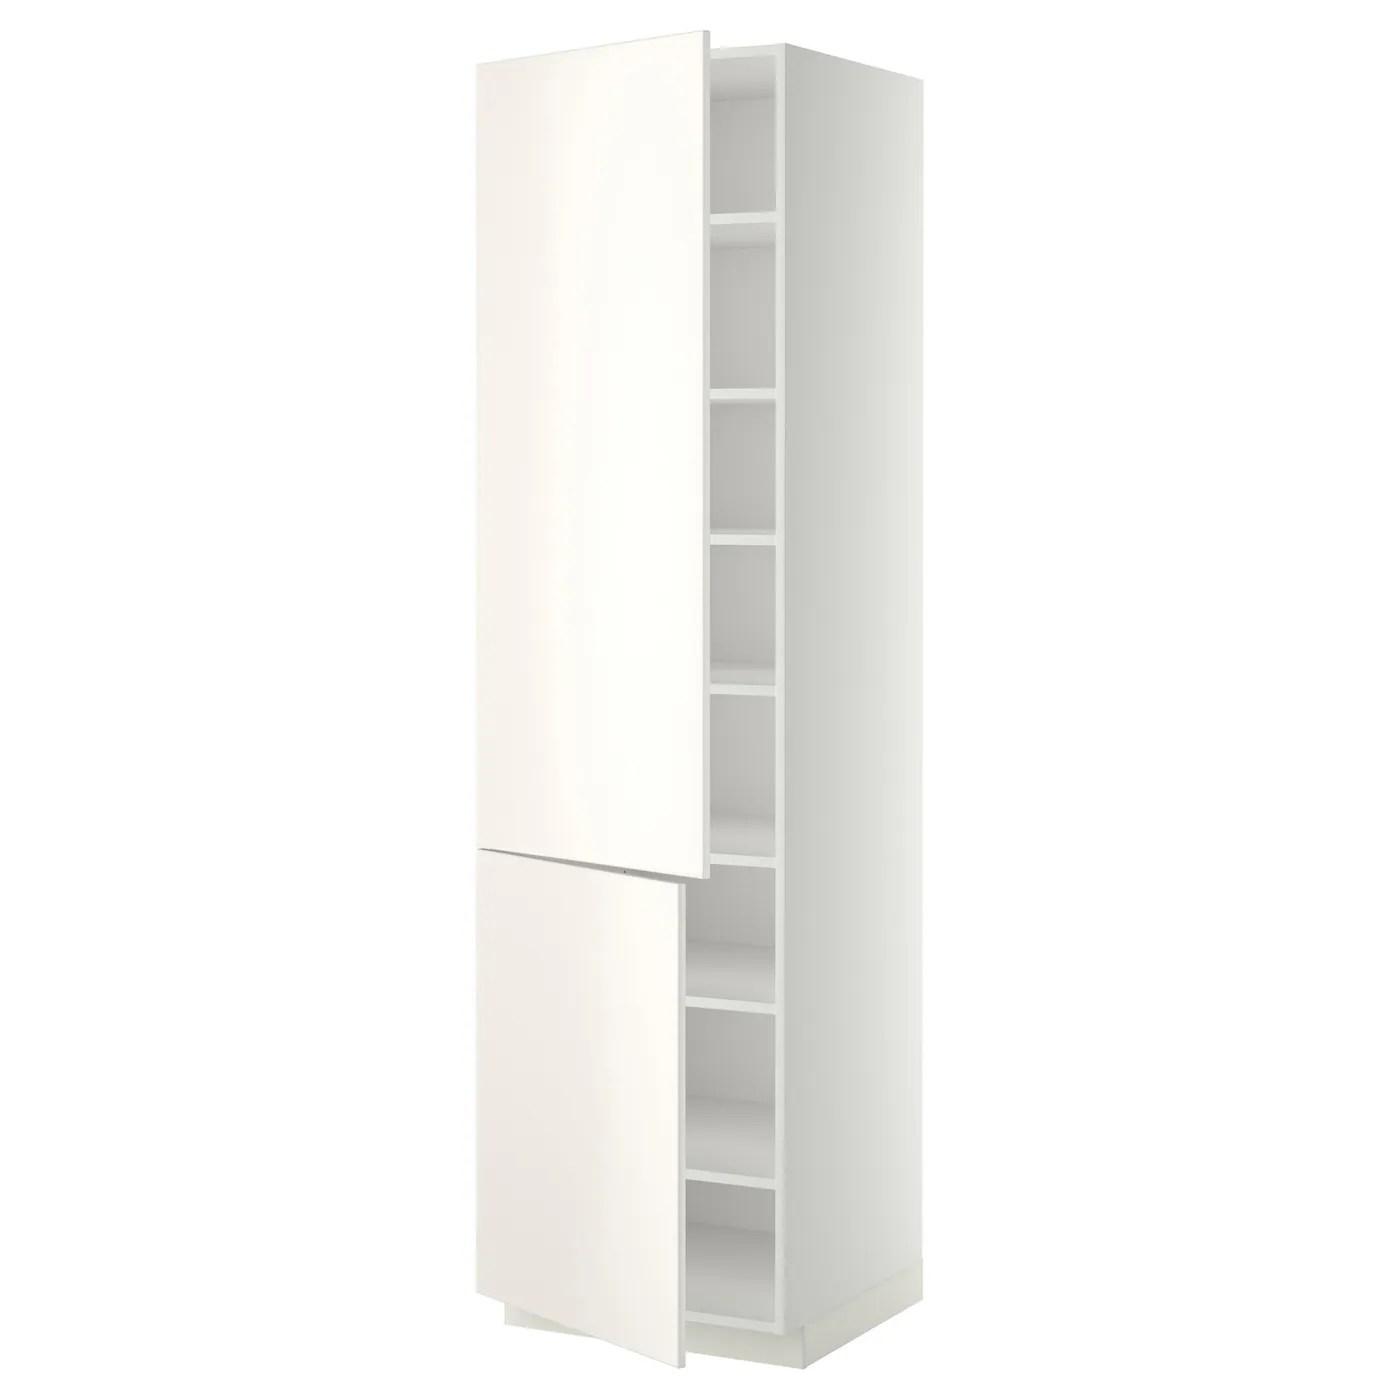 METOD High cabinet with shelves2 doors Whiteveddinge